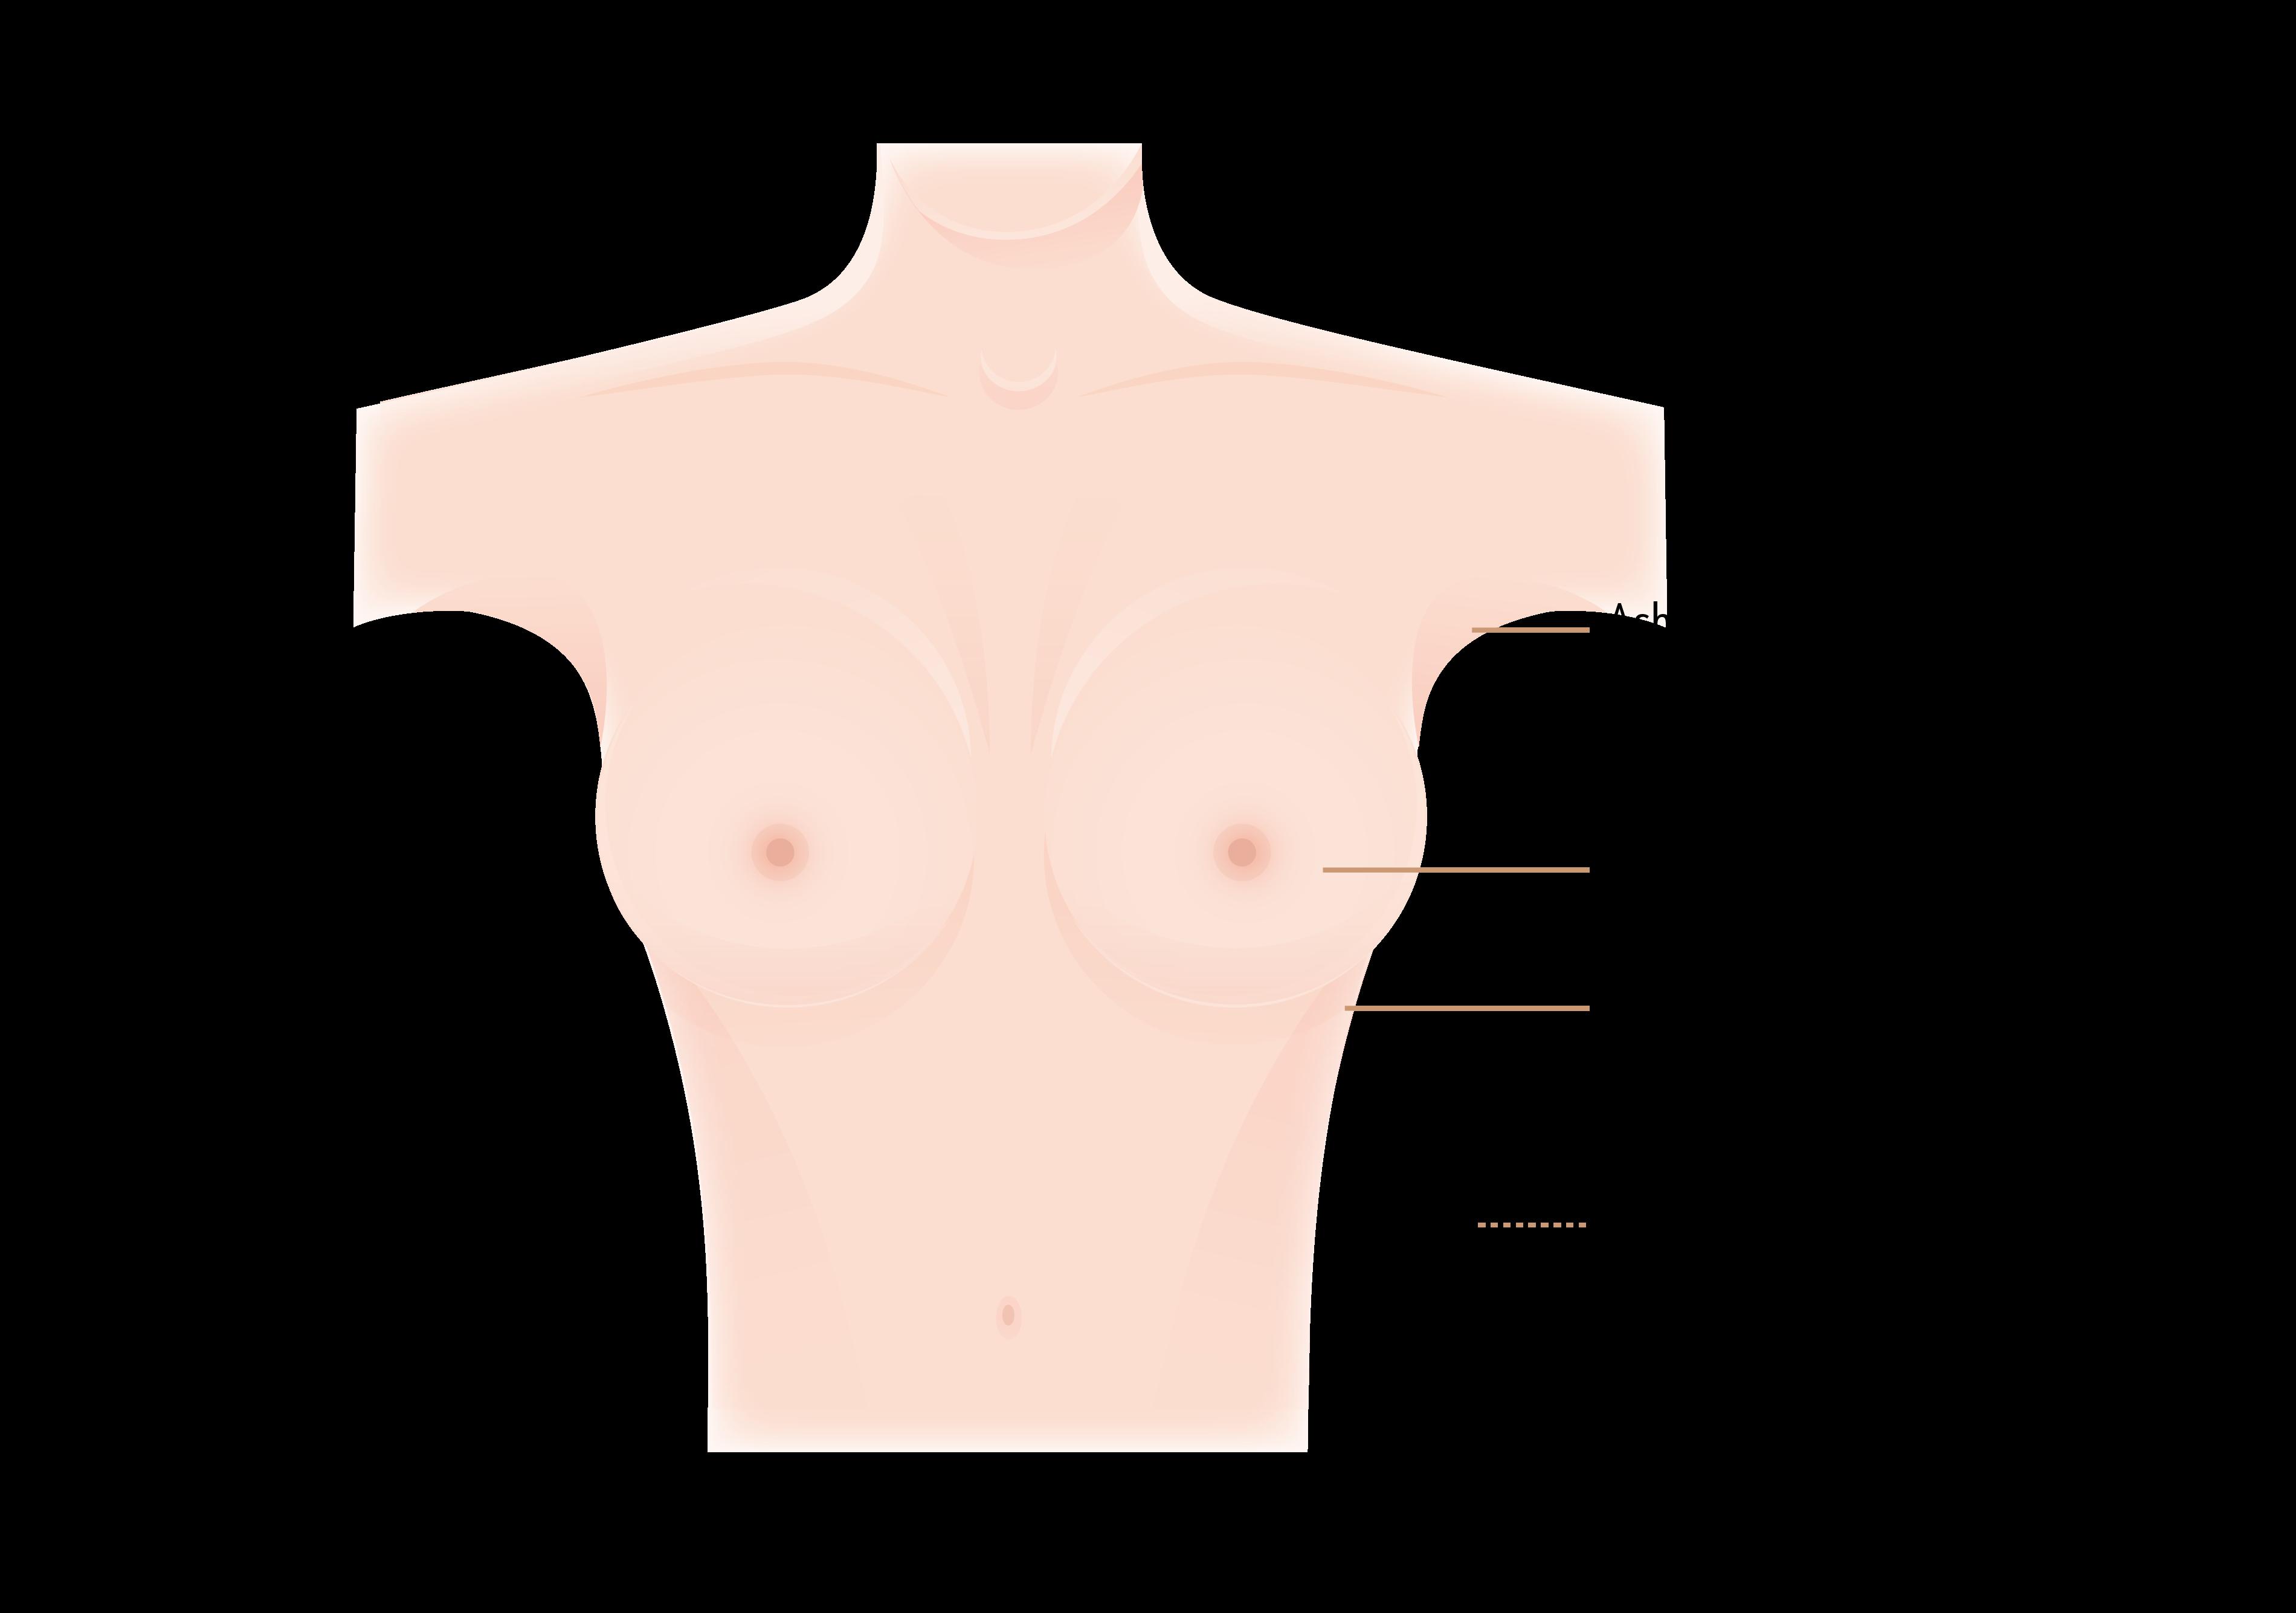 Schnittführung und Narben bei der Brustvergrößerung